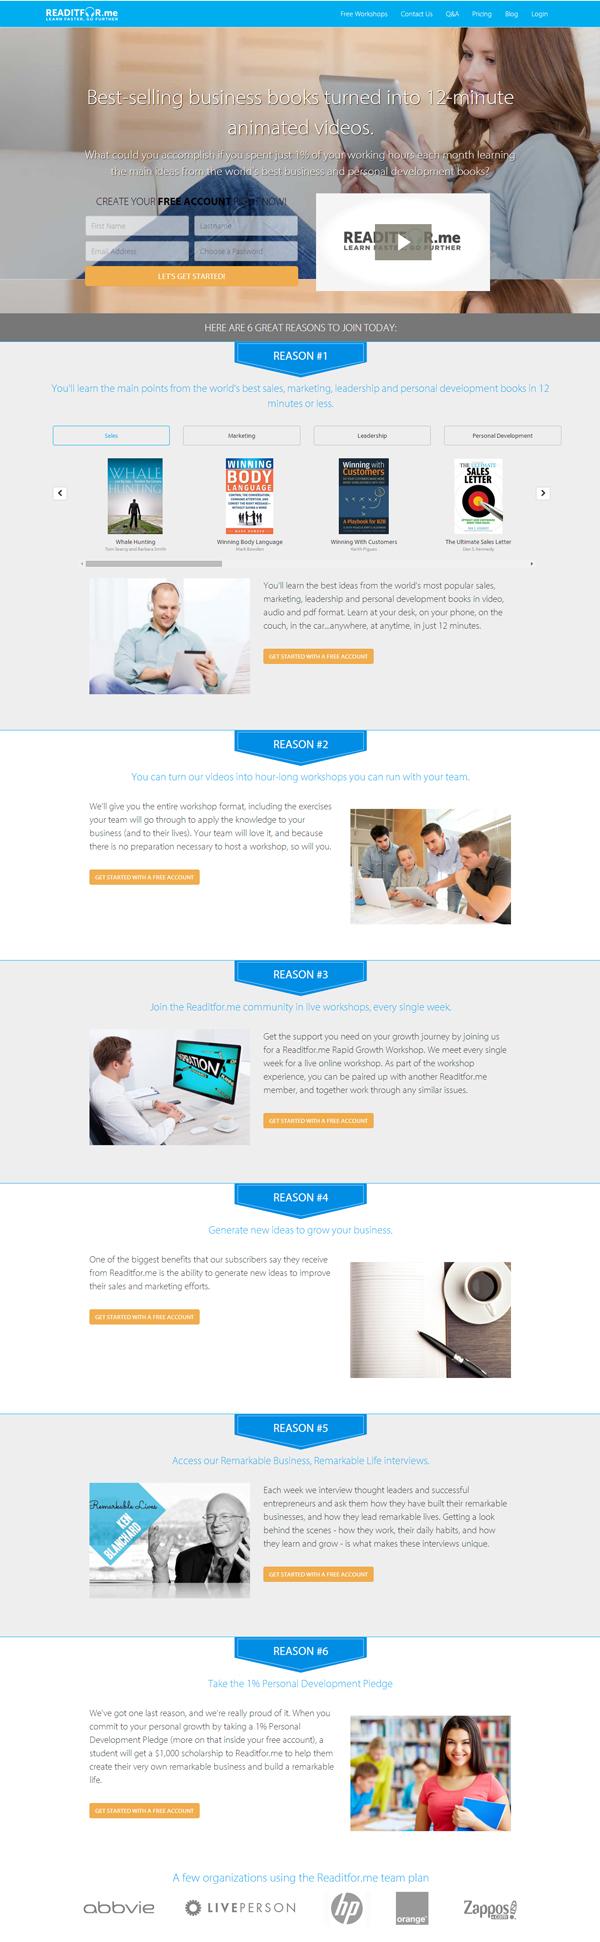 esempi landing page fantastiche da copiare Readitfor.me